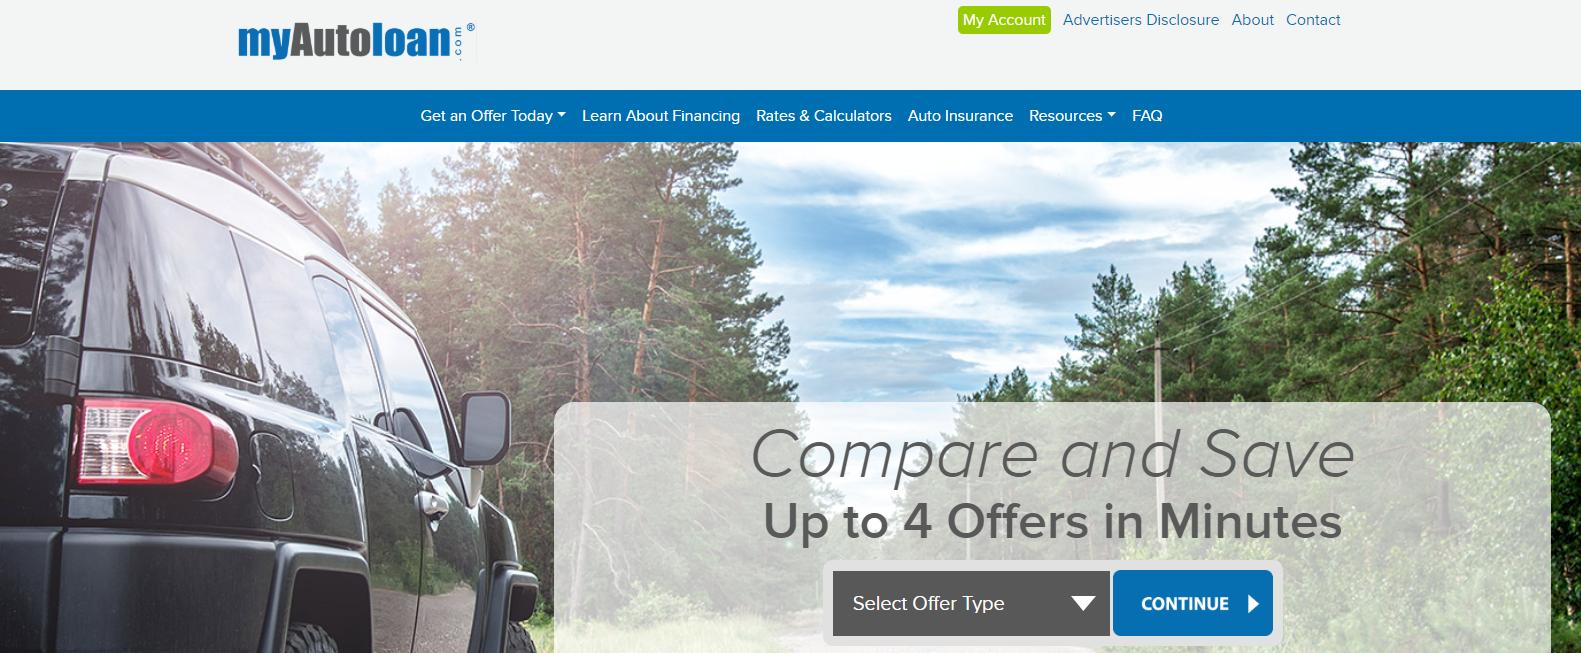 myAutoloan homepage